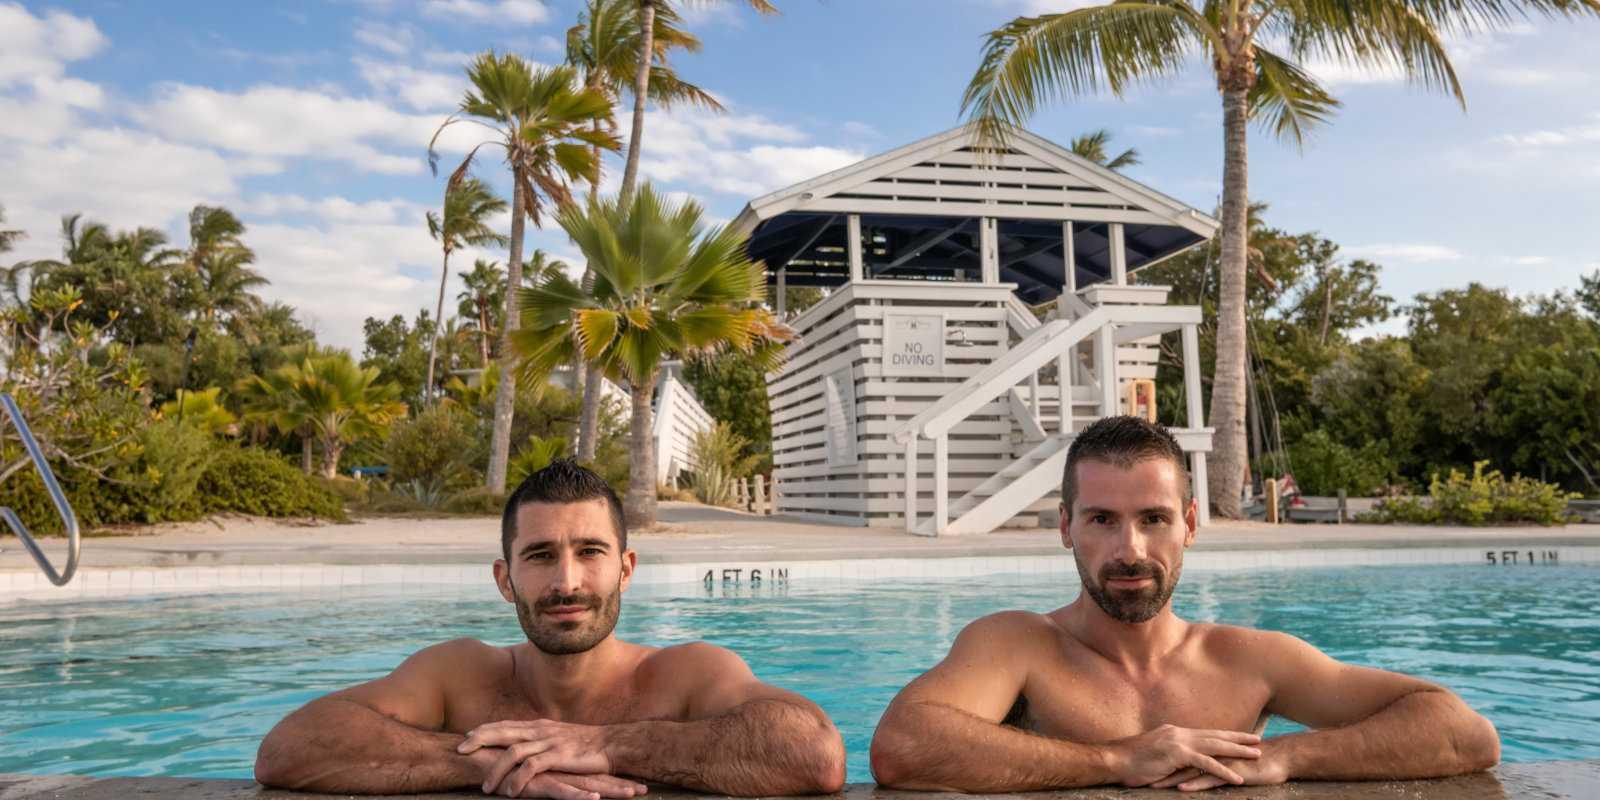 Casa Morada é um dos nossos lugares românticos favoritos para ficar em Florida Keys, é gay friendly e perfeito para casais com muitas atividades divertidas em oferta